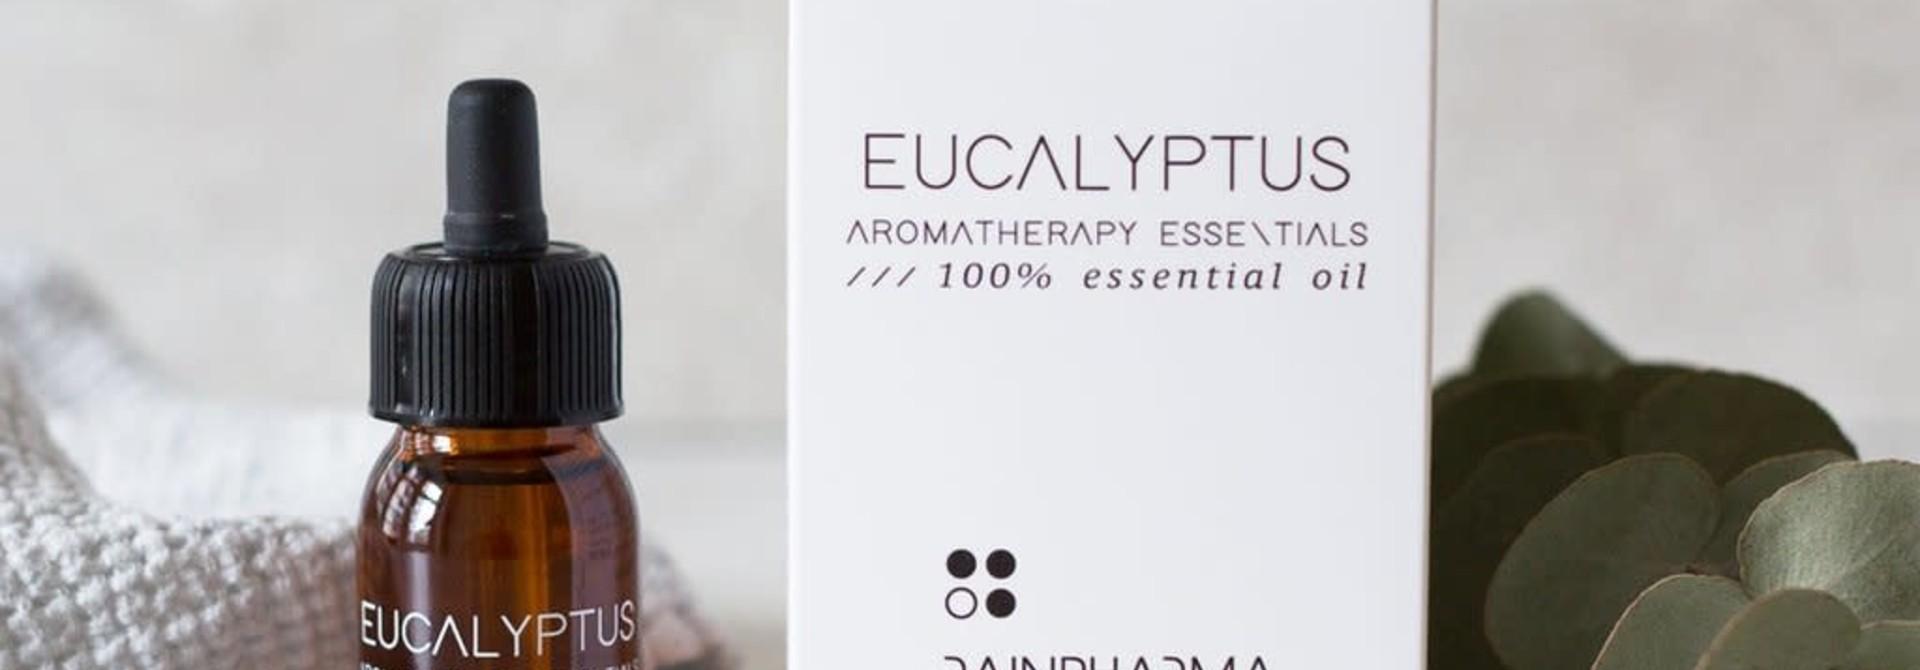 Eucalyptus Aromatherapy Essentials Oils